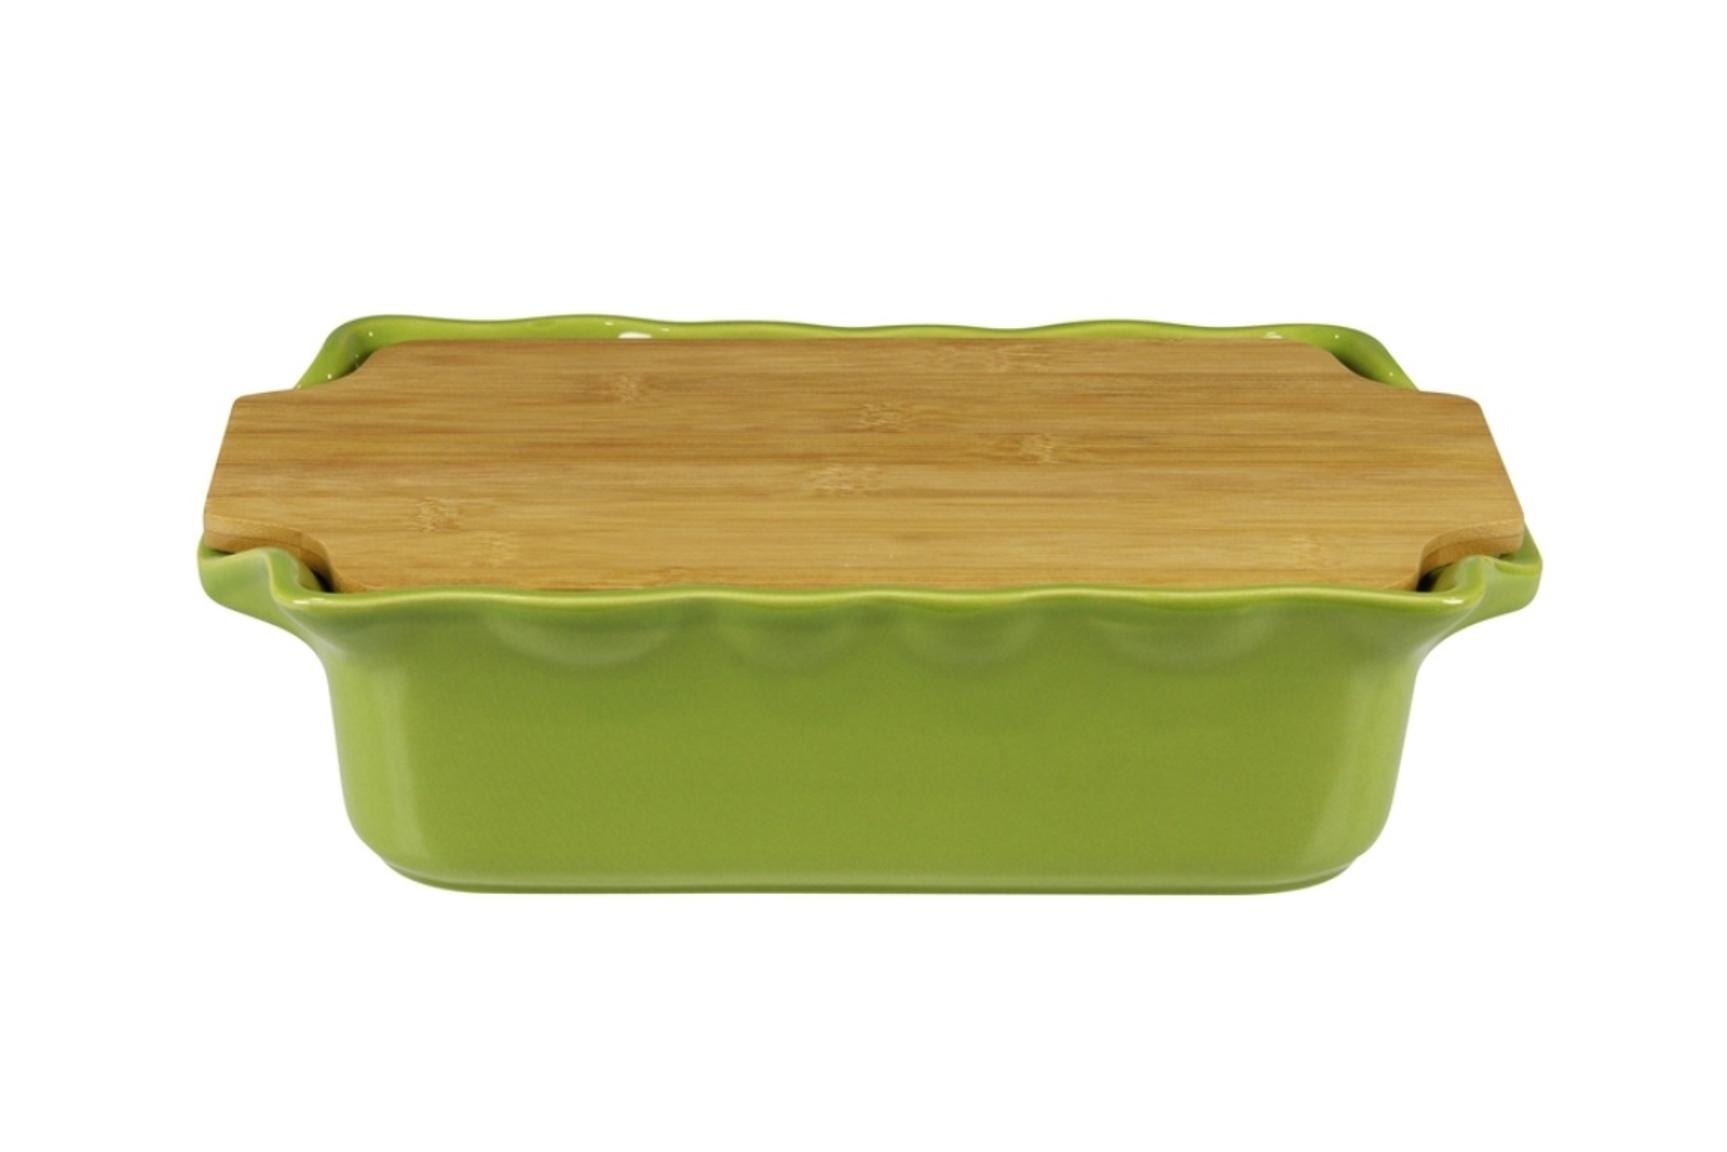 Форма с доcкой прямоугольная 33,5 см Appolia Cook&amp;Stock BAMBOO GREEN 131033503Формы для запекания (выпечки)<br>Форма с доcкой прямоугольная 33,5 см Appolia Cook&amp;Stock BAMBOO GREEN 131033503<br><br>В оригинальной коллекции Cook&amp;Stoock присутствуют мягкие цвета трех оттенков. Закругленные углы облегчают чистку. Легко использовать. Компактное хранение. В комплекте натуральные крышки из бамбука, которые можно использовать в качестве подставки, крышки и разделочной доски. Прочная жароустойчивая керамика экологична и изготавливается из высококачественной глины. Прочная глазурь устойчива к растрескиванию и сколам, не содержит свинца и кадмия. Глина обеспечивает медленный и равномерный нагрев, деликатное приготовление с сохранением всех питательных веществ и витаминов, а та же долго сохраняет тепло, что удобно при сервировке горячих блюд.<br>